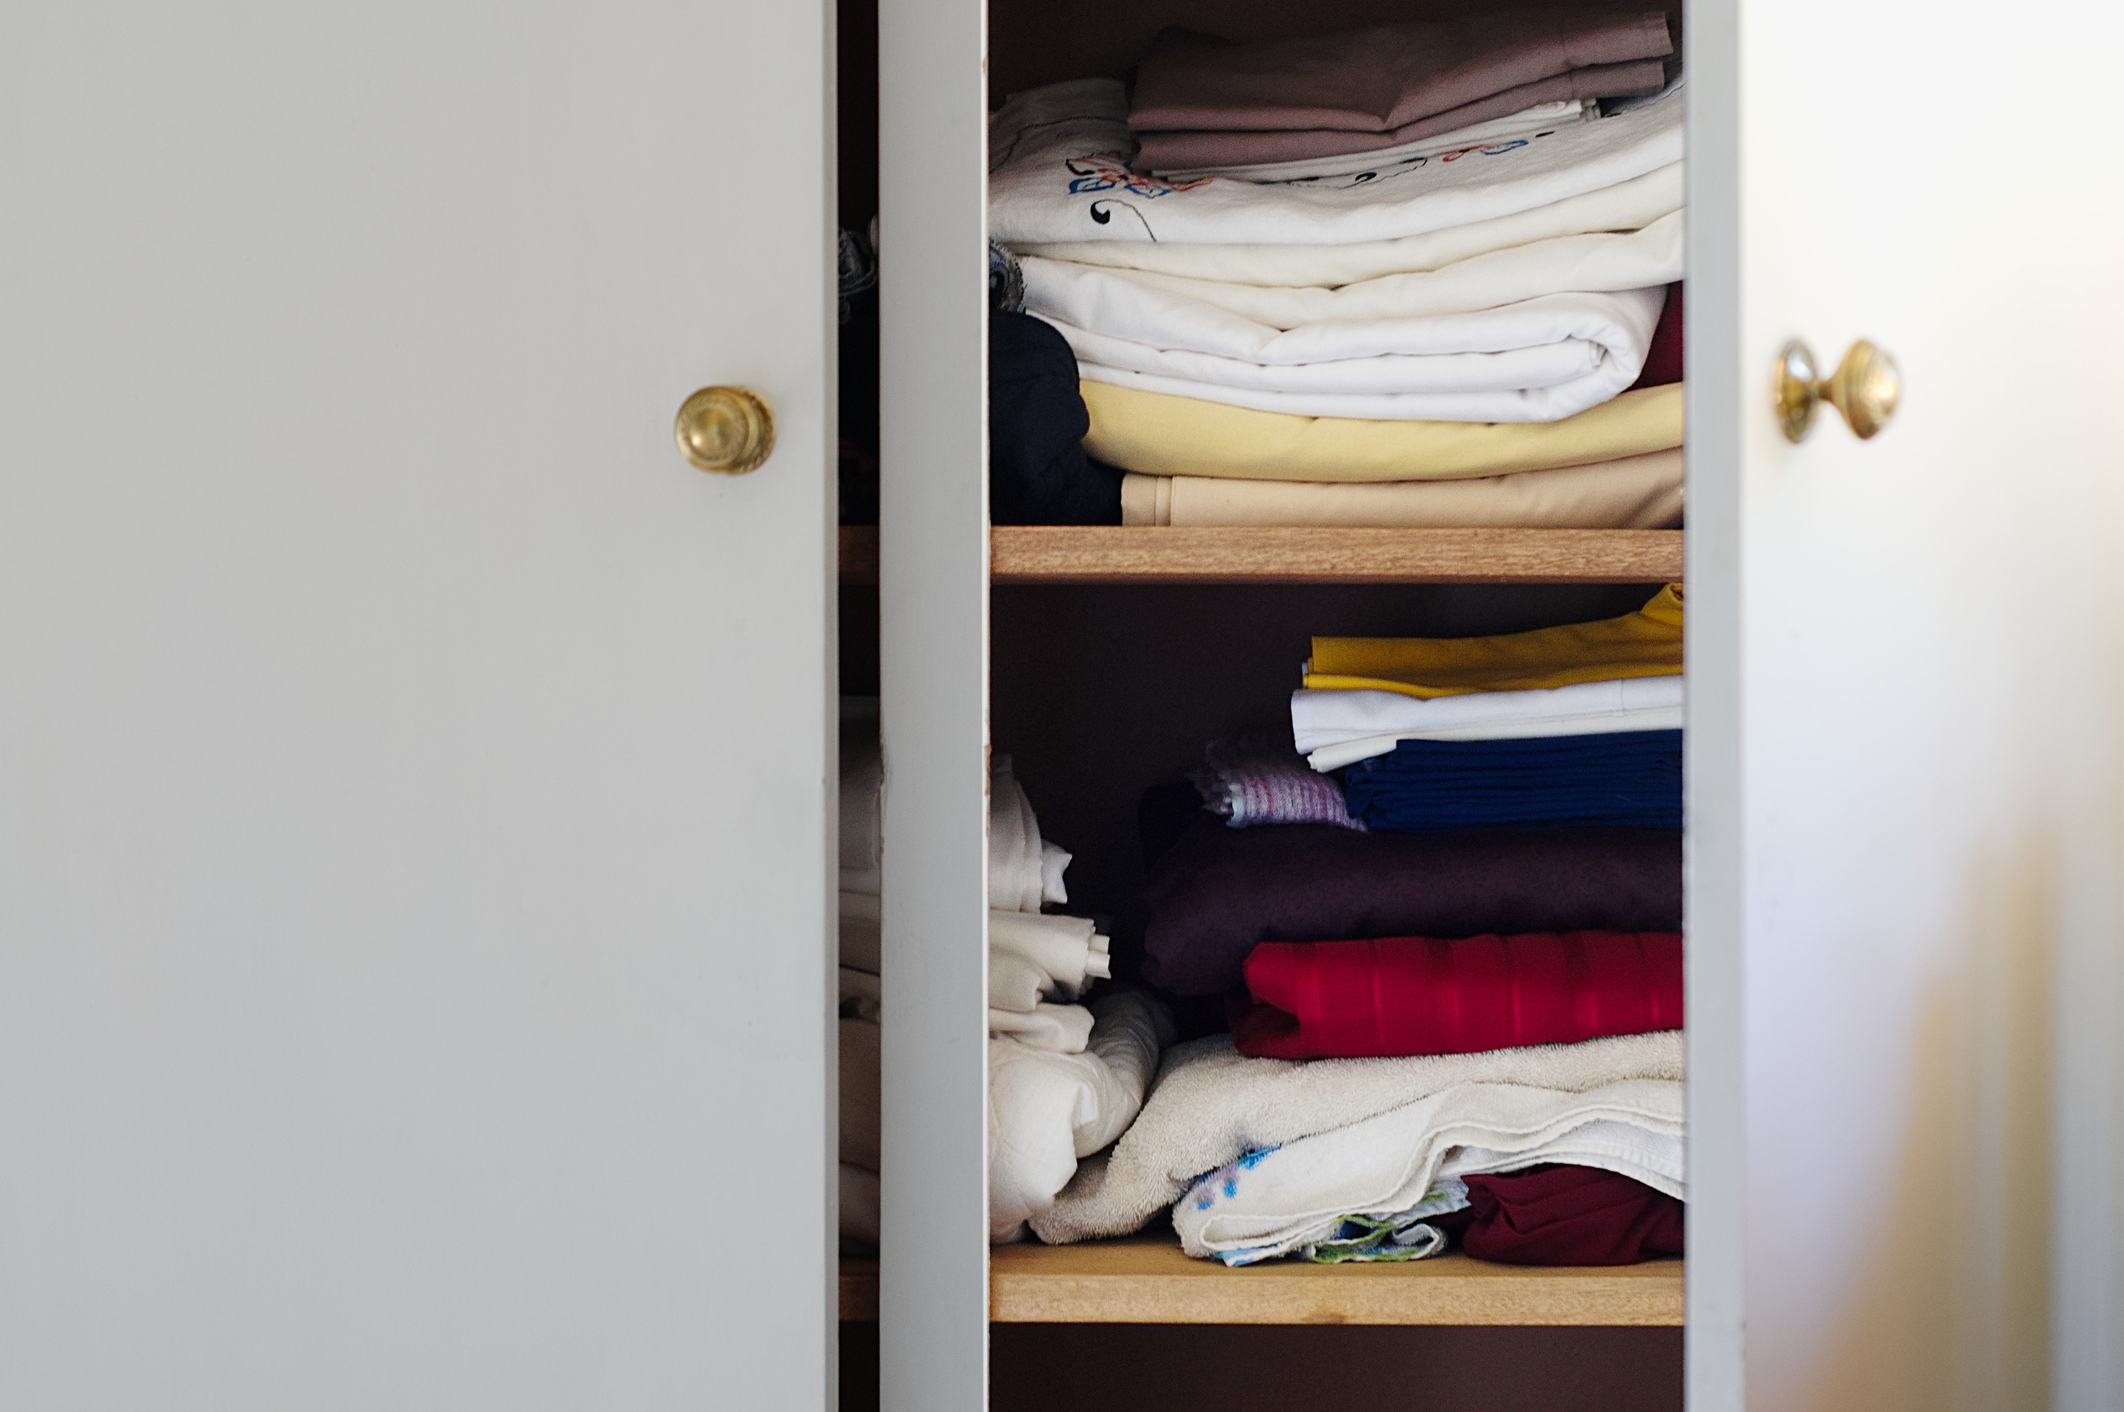 Sheets in linen closet